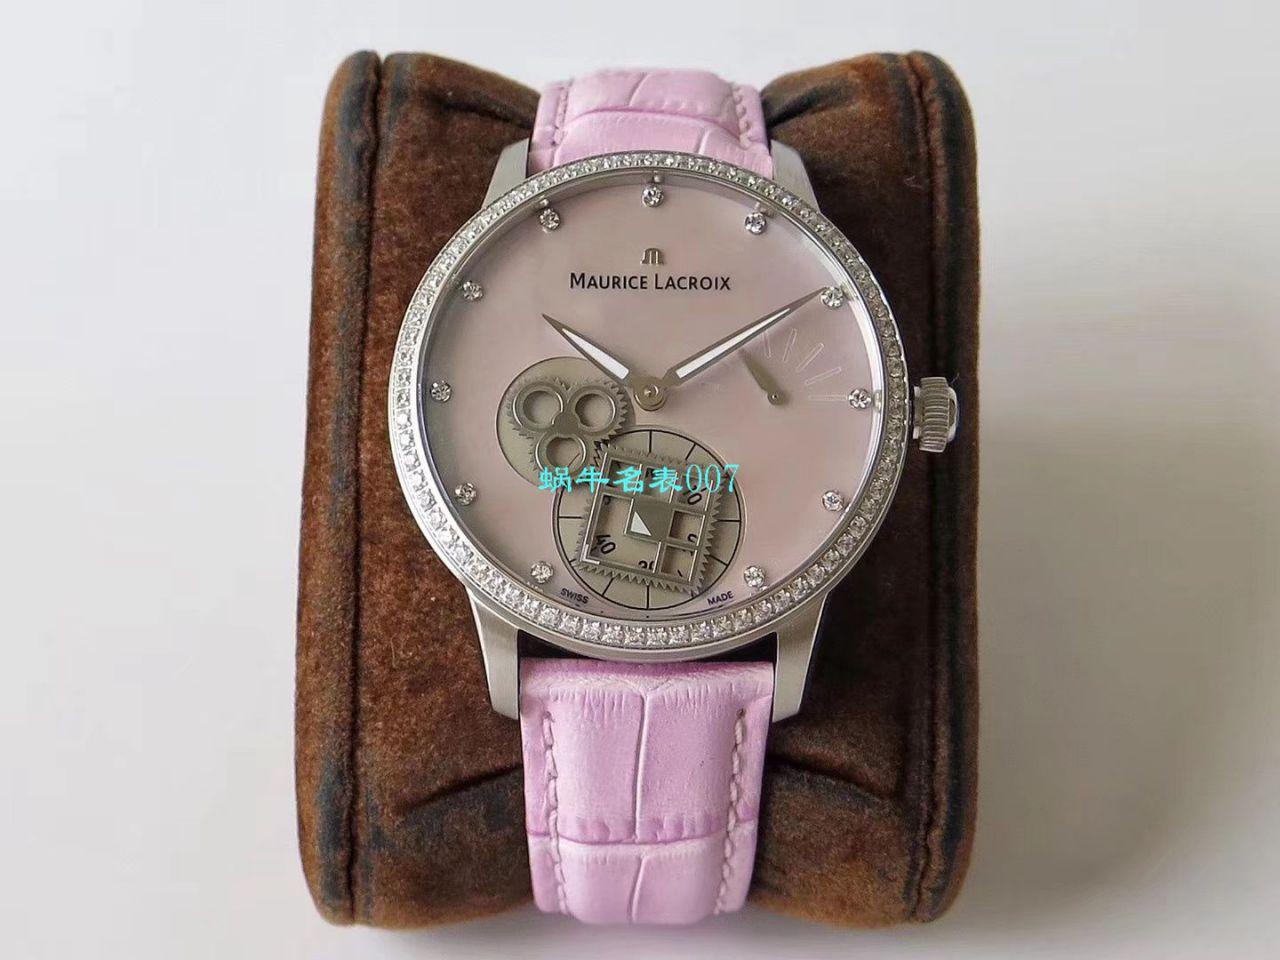 【视频评测AM厂Maurice Lacroix复刻手表】艾美匠心系列MP7158-SD501-570腕表 / AI09